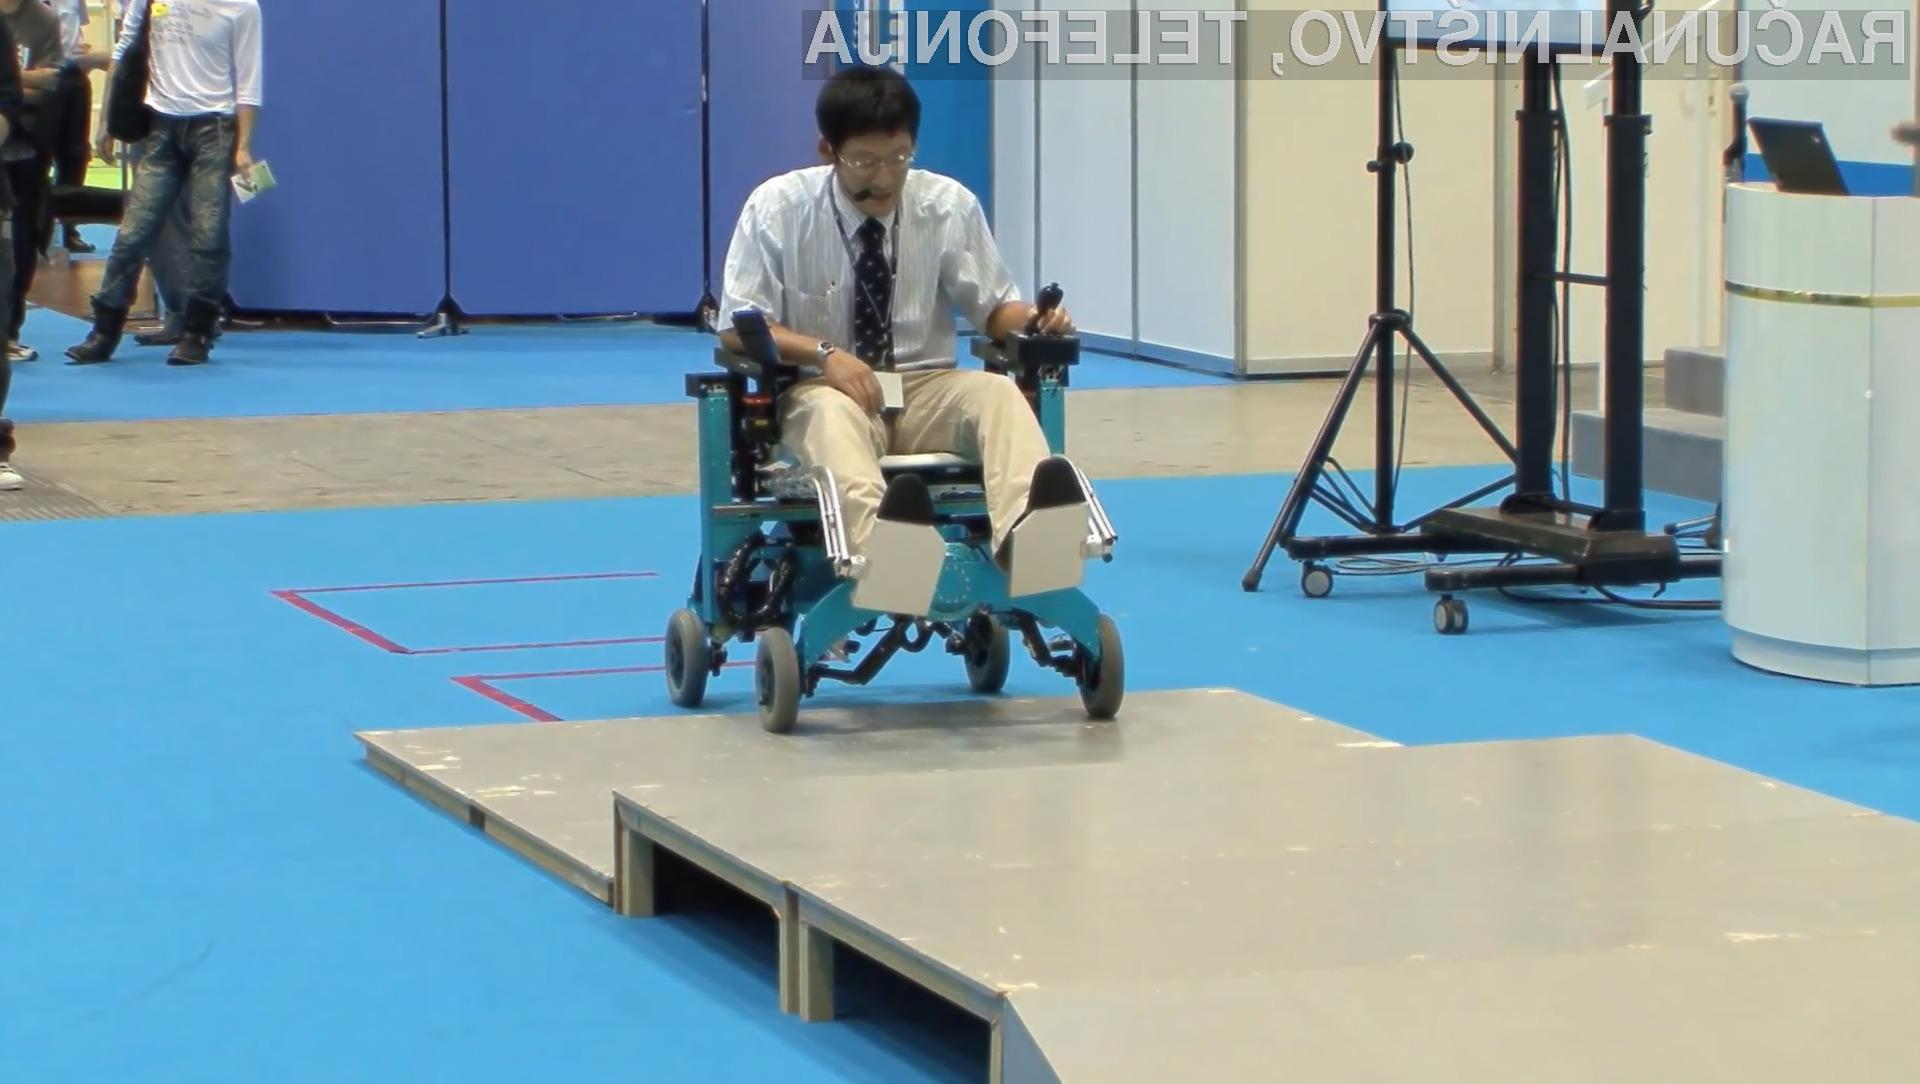 Invalidski voziček, ki se lahko vzpenja po stopnicah